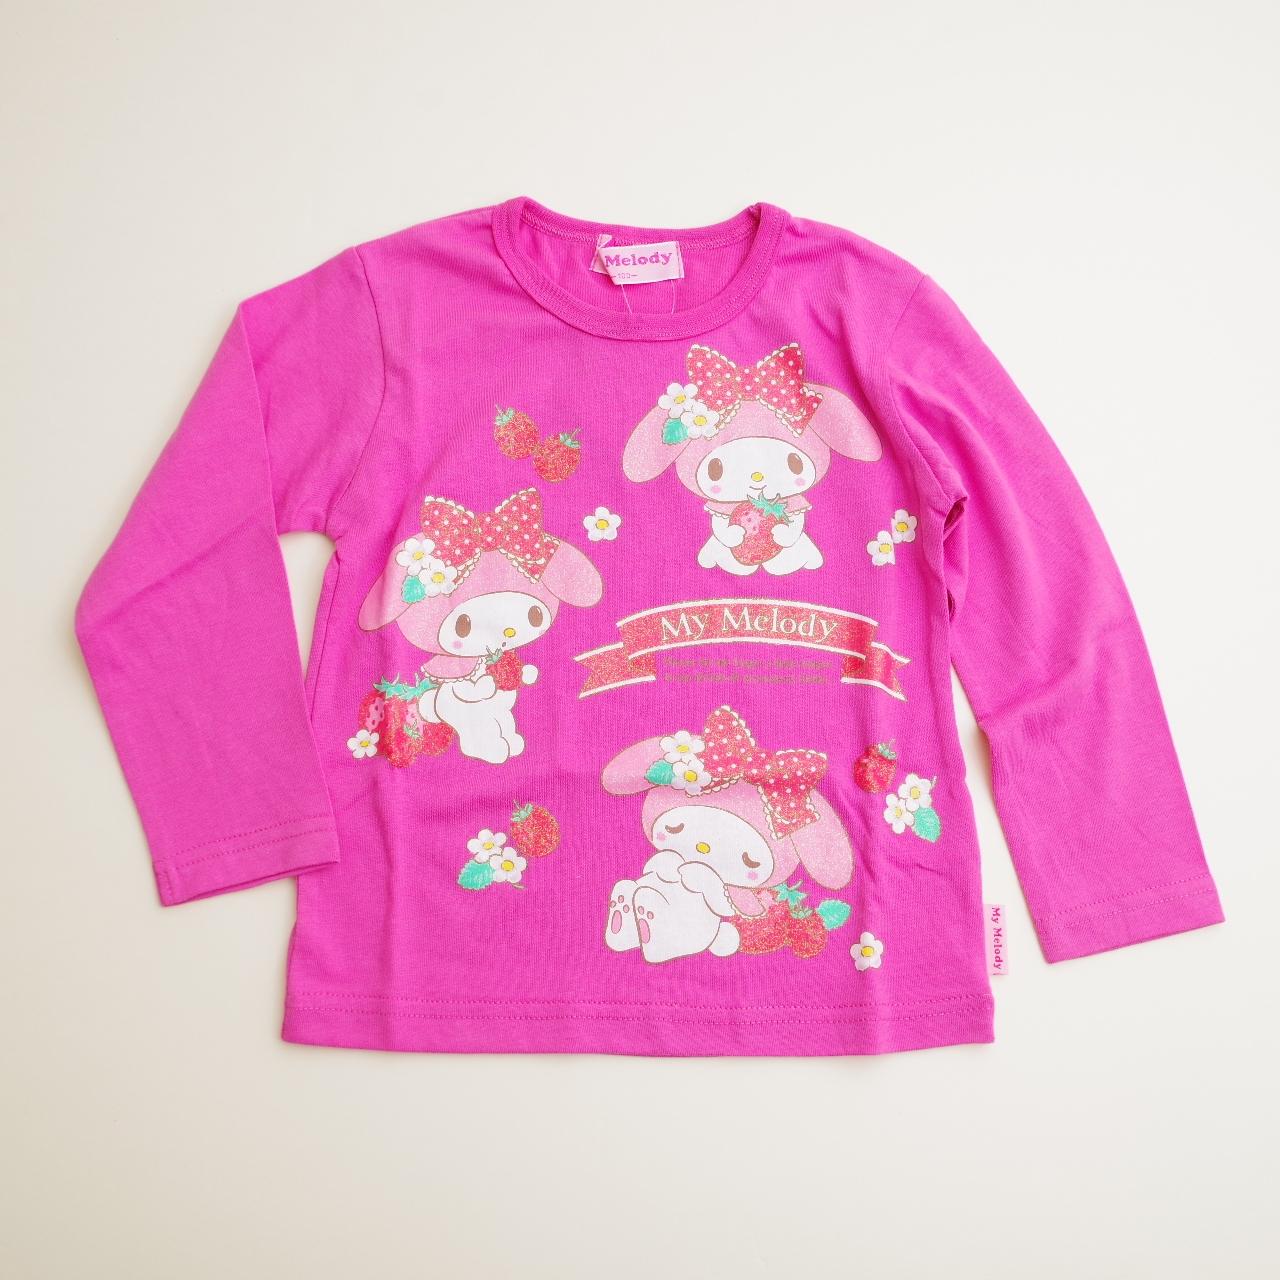 サンリオ マイメロディ 長袖Tシャツ 100cm-130cm(743MM4011)